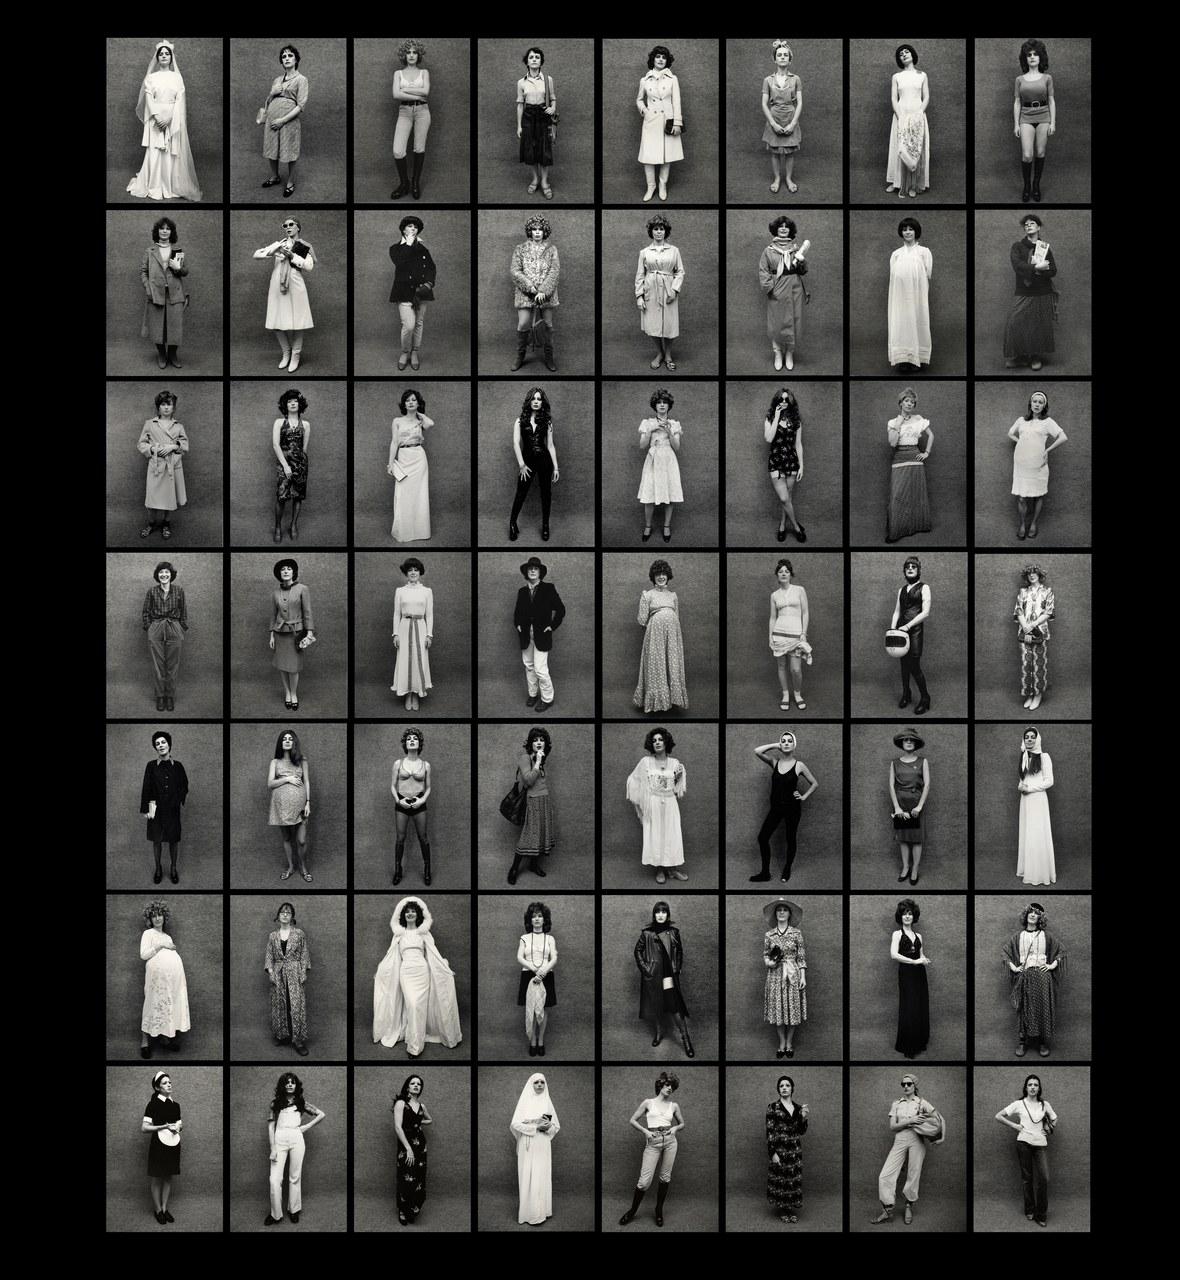 Marcella Campagnano, L'invenzione del femminile: Ruoli, 1974